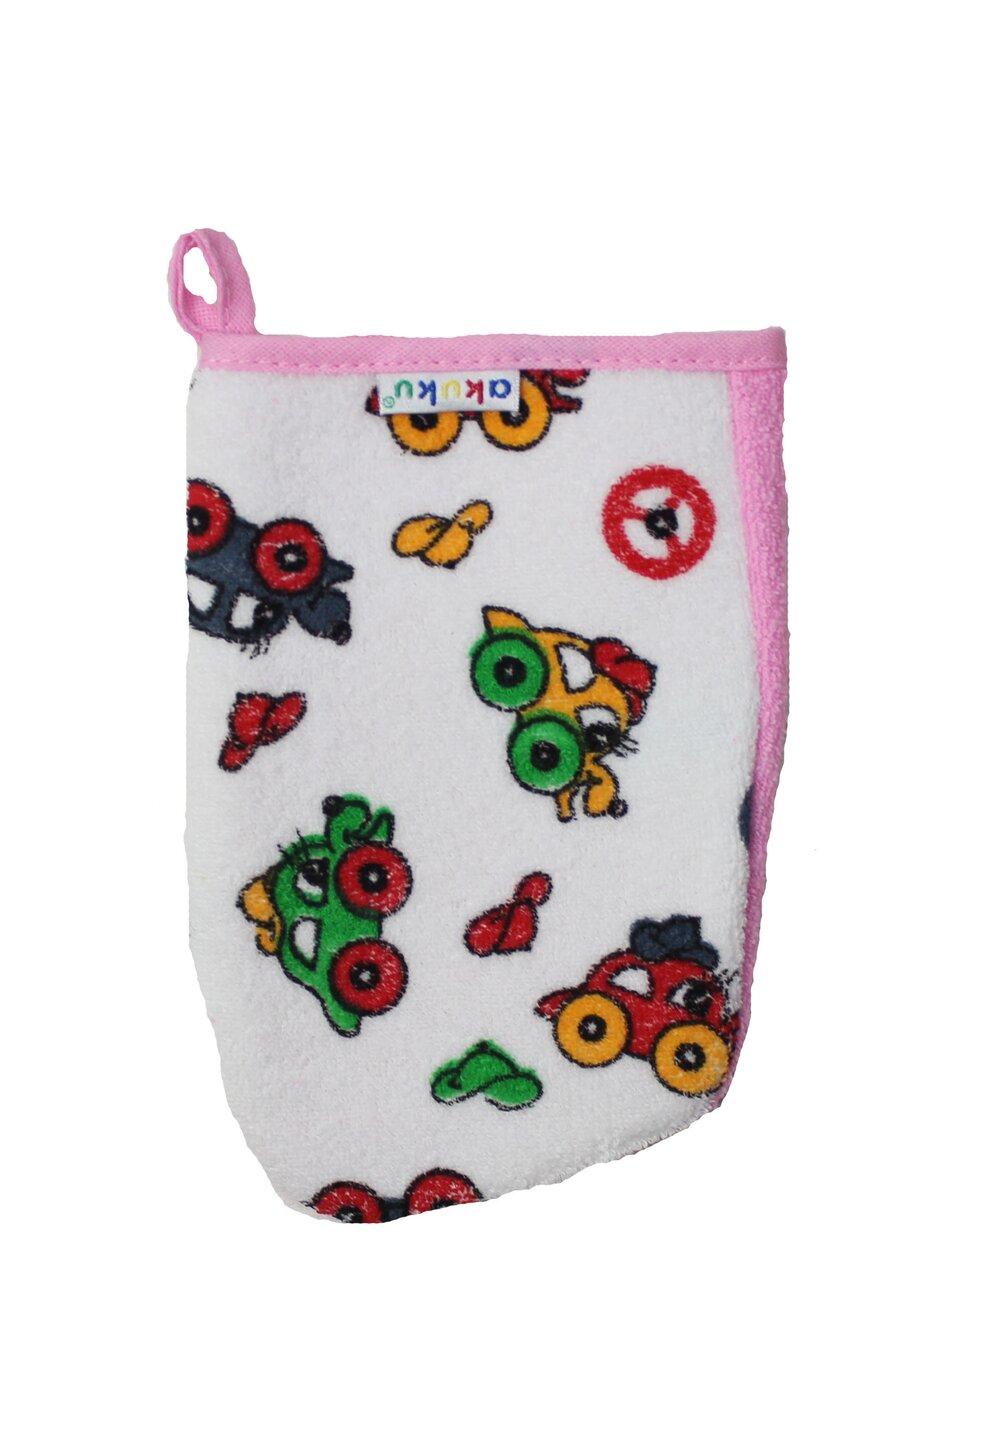 Manusa de baie, masinute, roz imagine